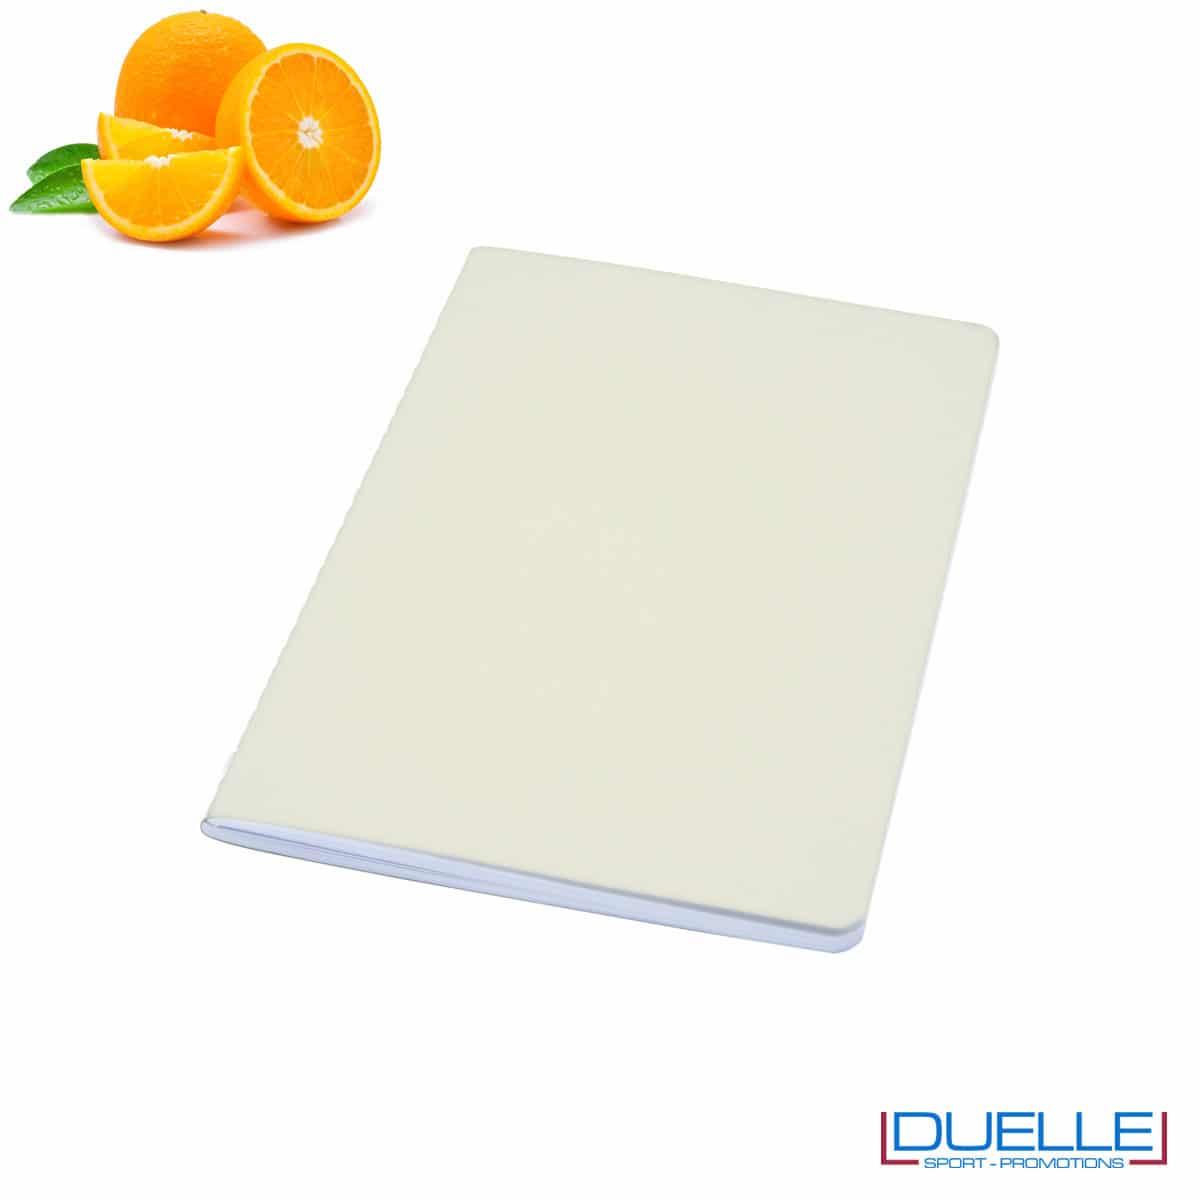 Quaderno carta riciclata con residui della lavorazione degli agrumi